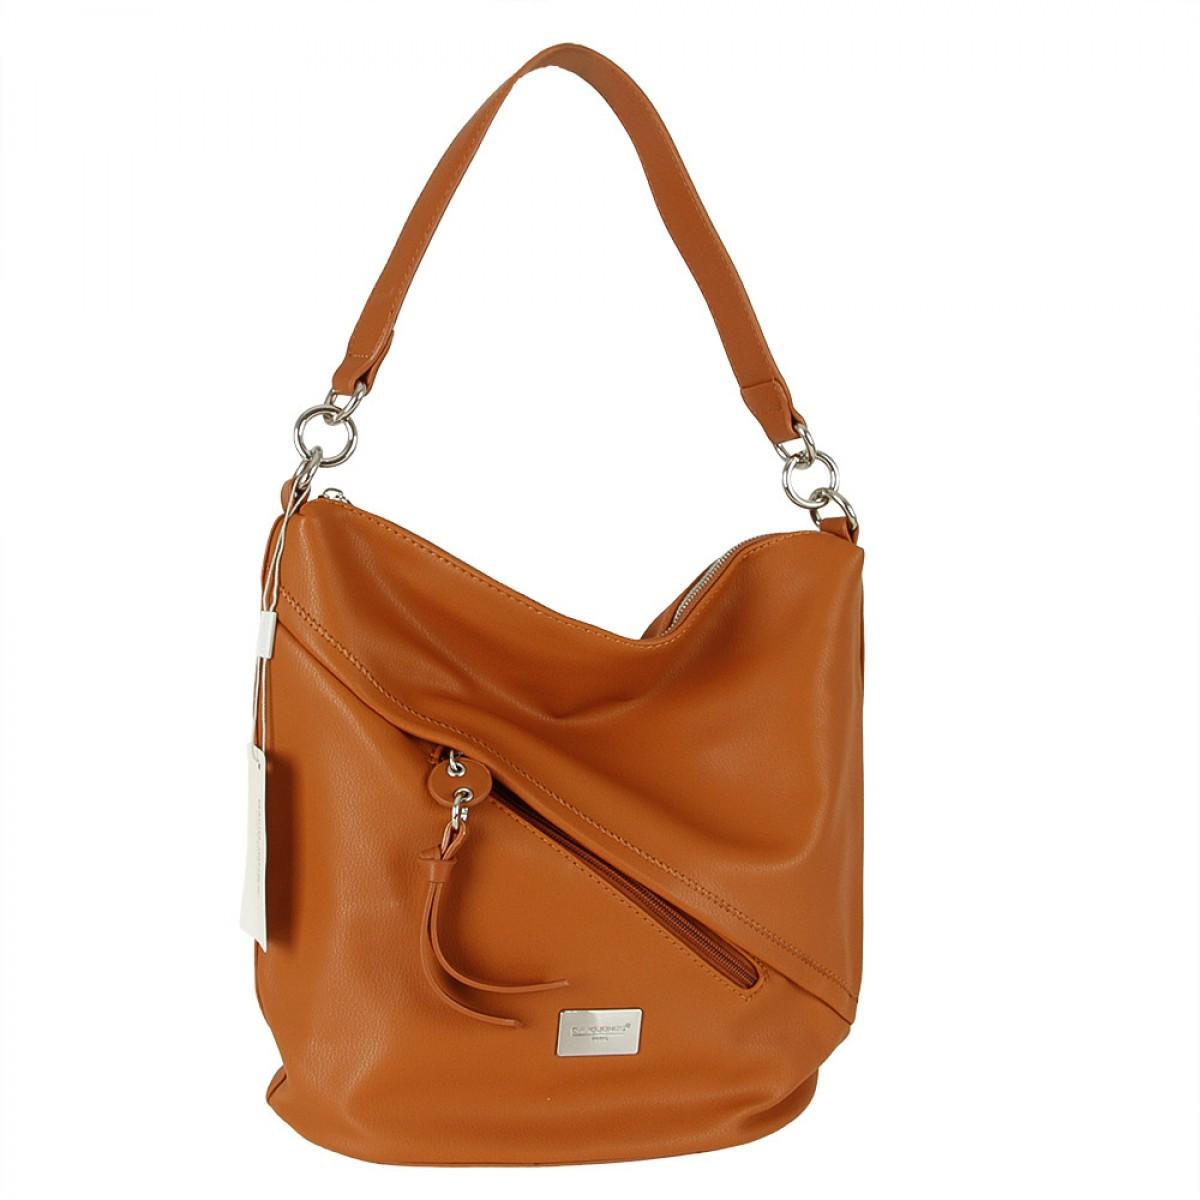 Жіноча сумка David Jones  6265-1 COGNAC